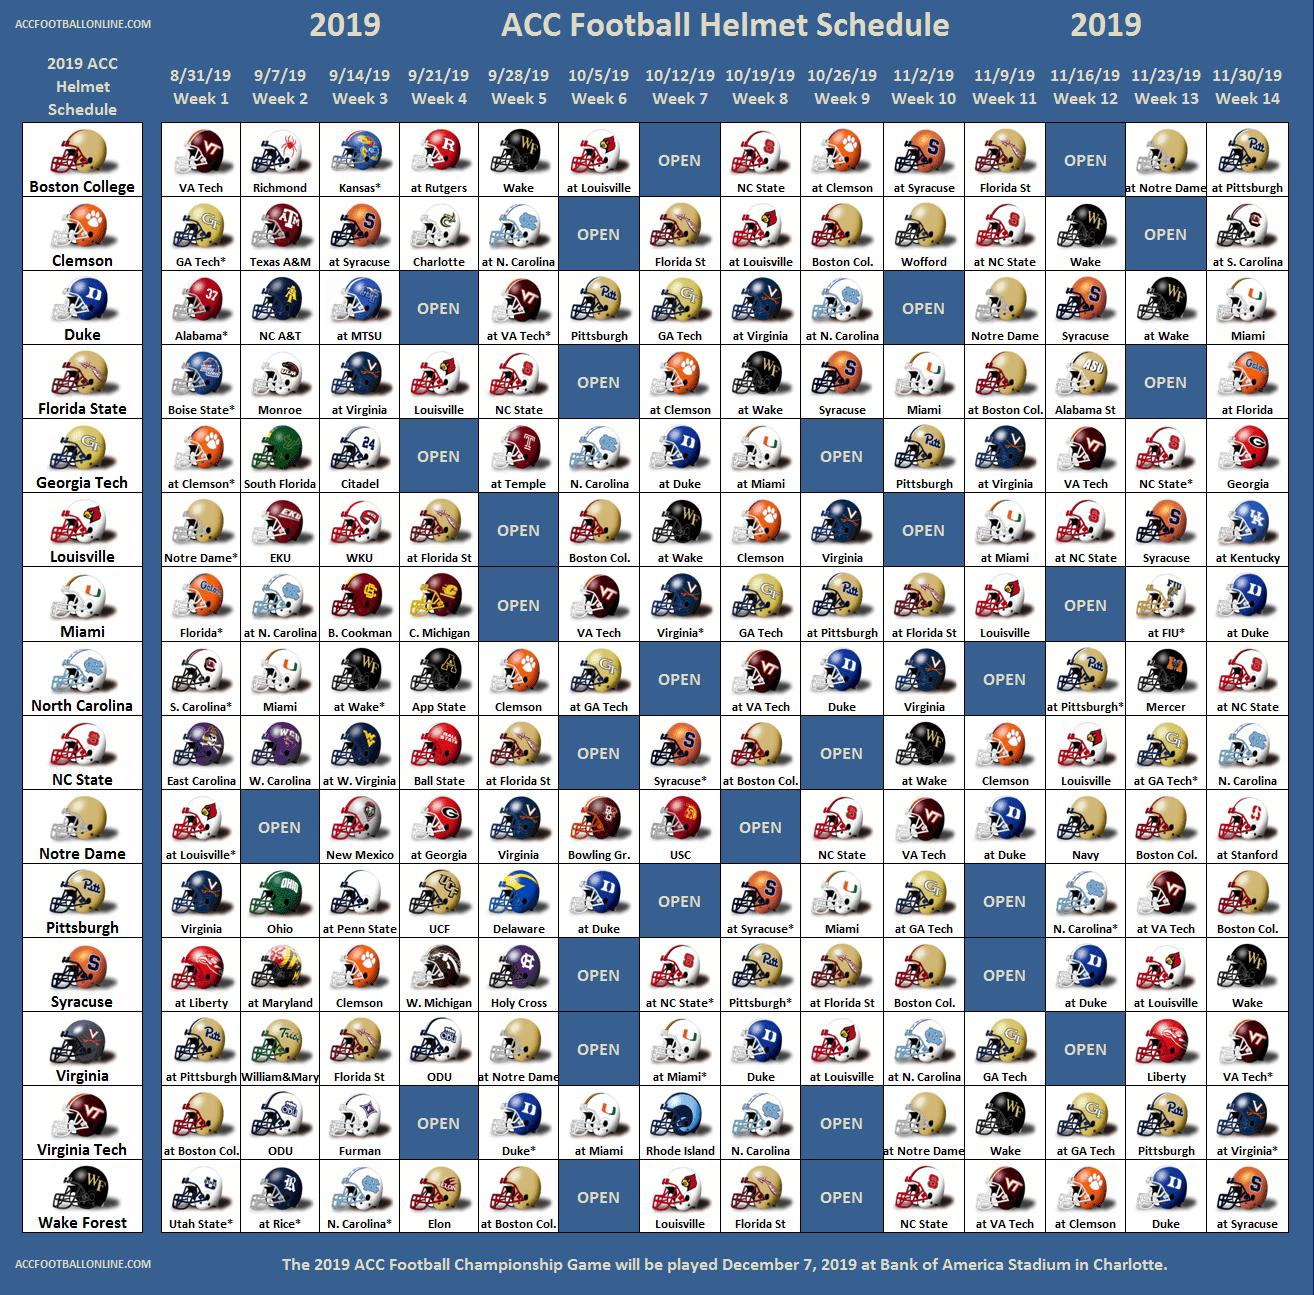 2019 ACC Football Helmet Schedule